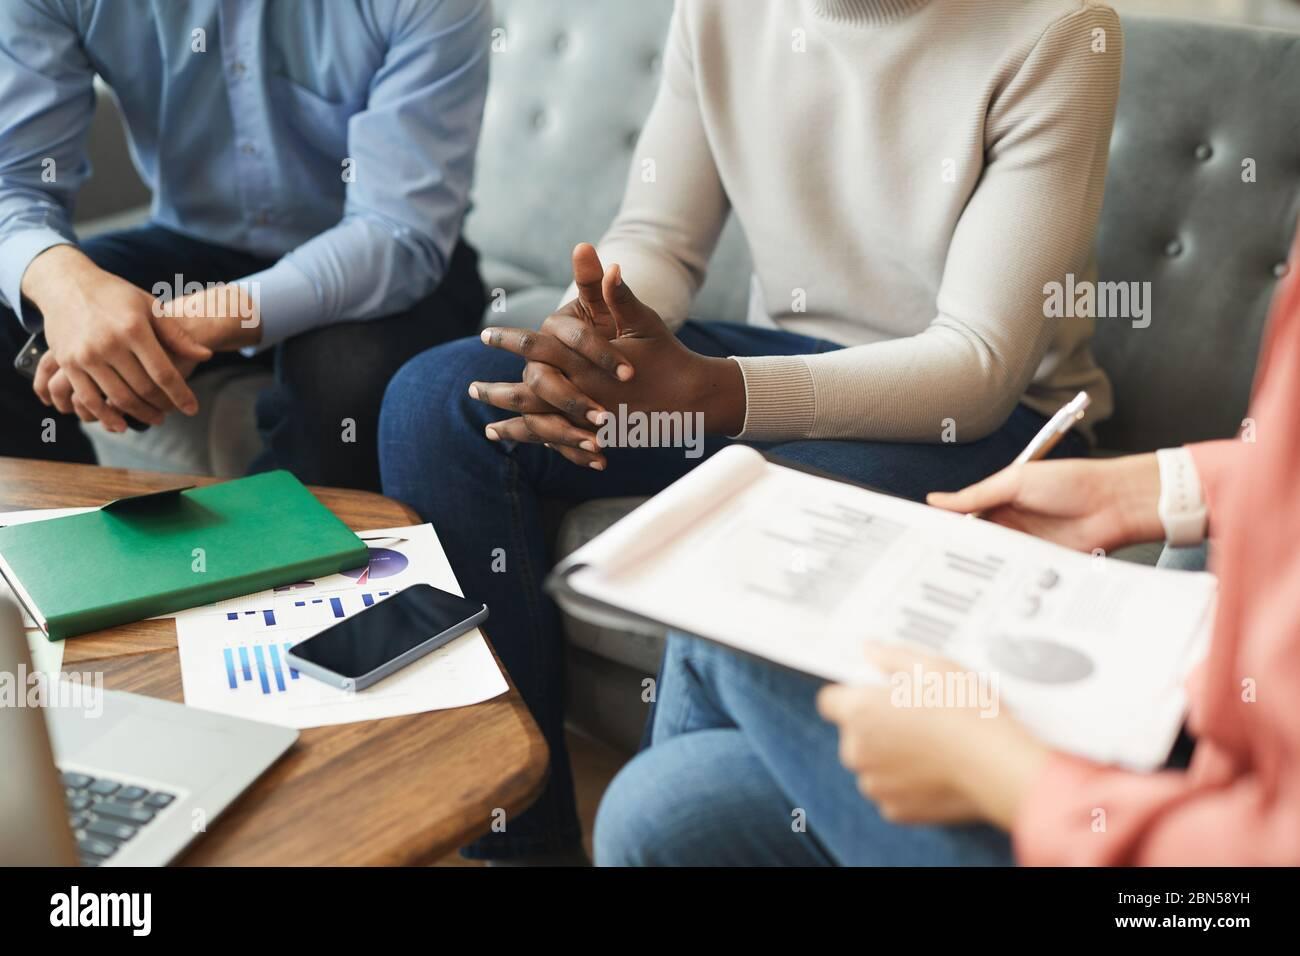 Vista en ángulo alto de una empresaria irreconocible que mantiene el portapapeles con el gráfico de datos mientras discute el proyecto de inicio con el equipo en la oficina, espacio de copia Foto de stock